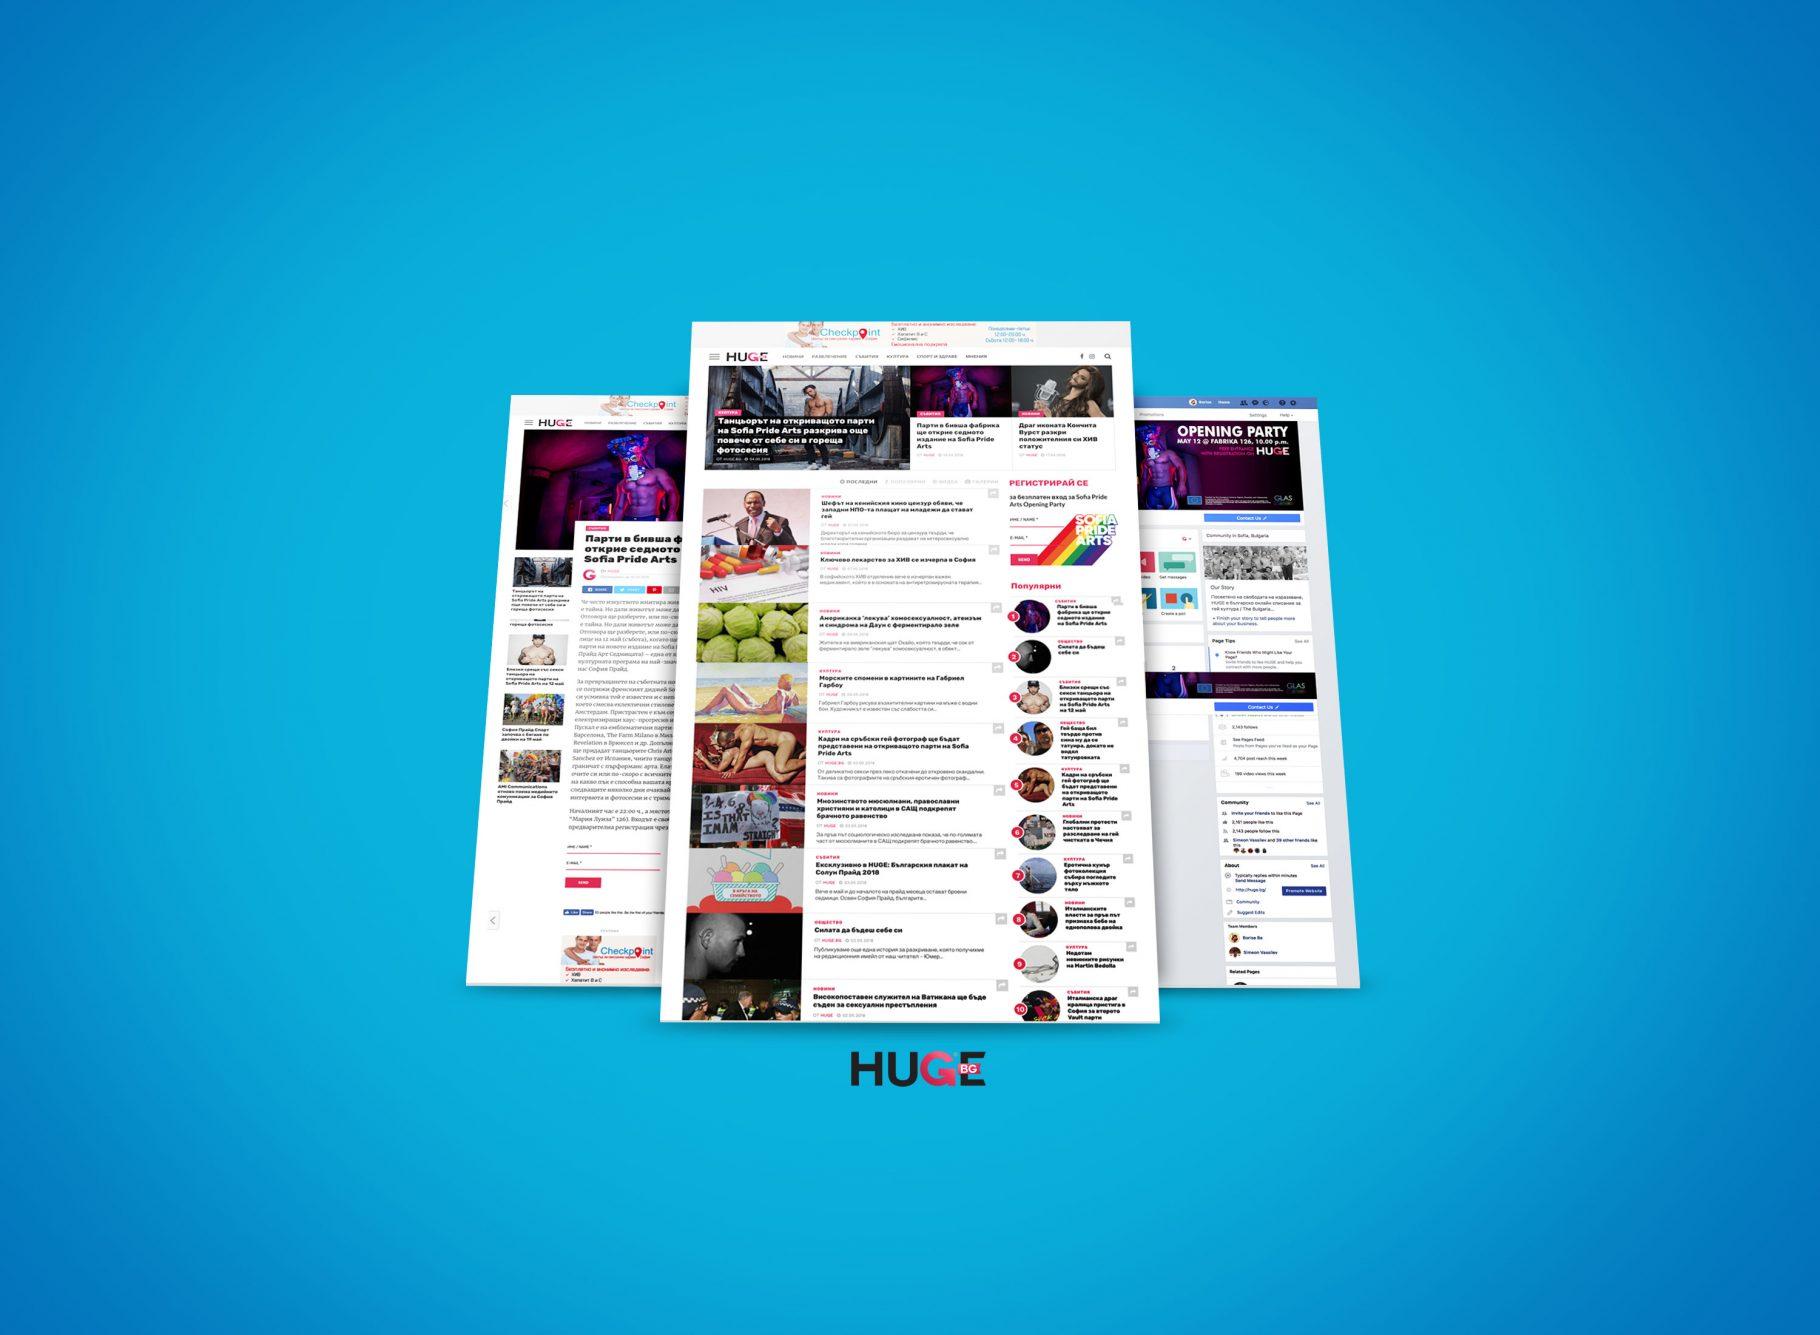 HUGE.BG – ЛГБТИ онлайн медиа